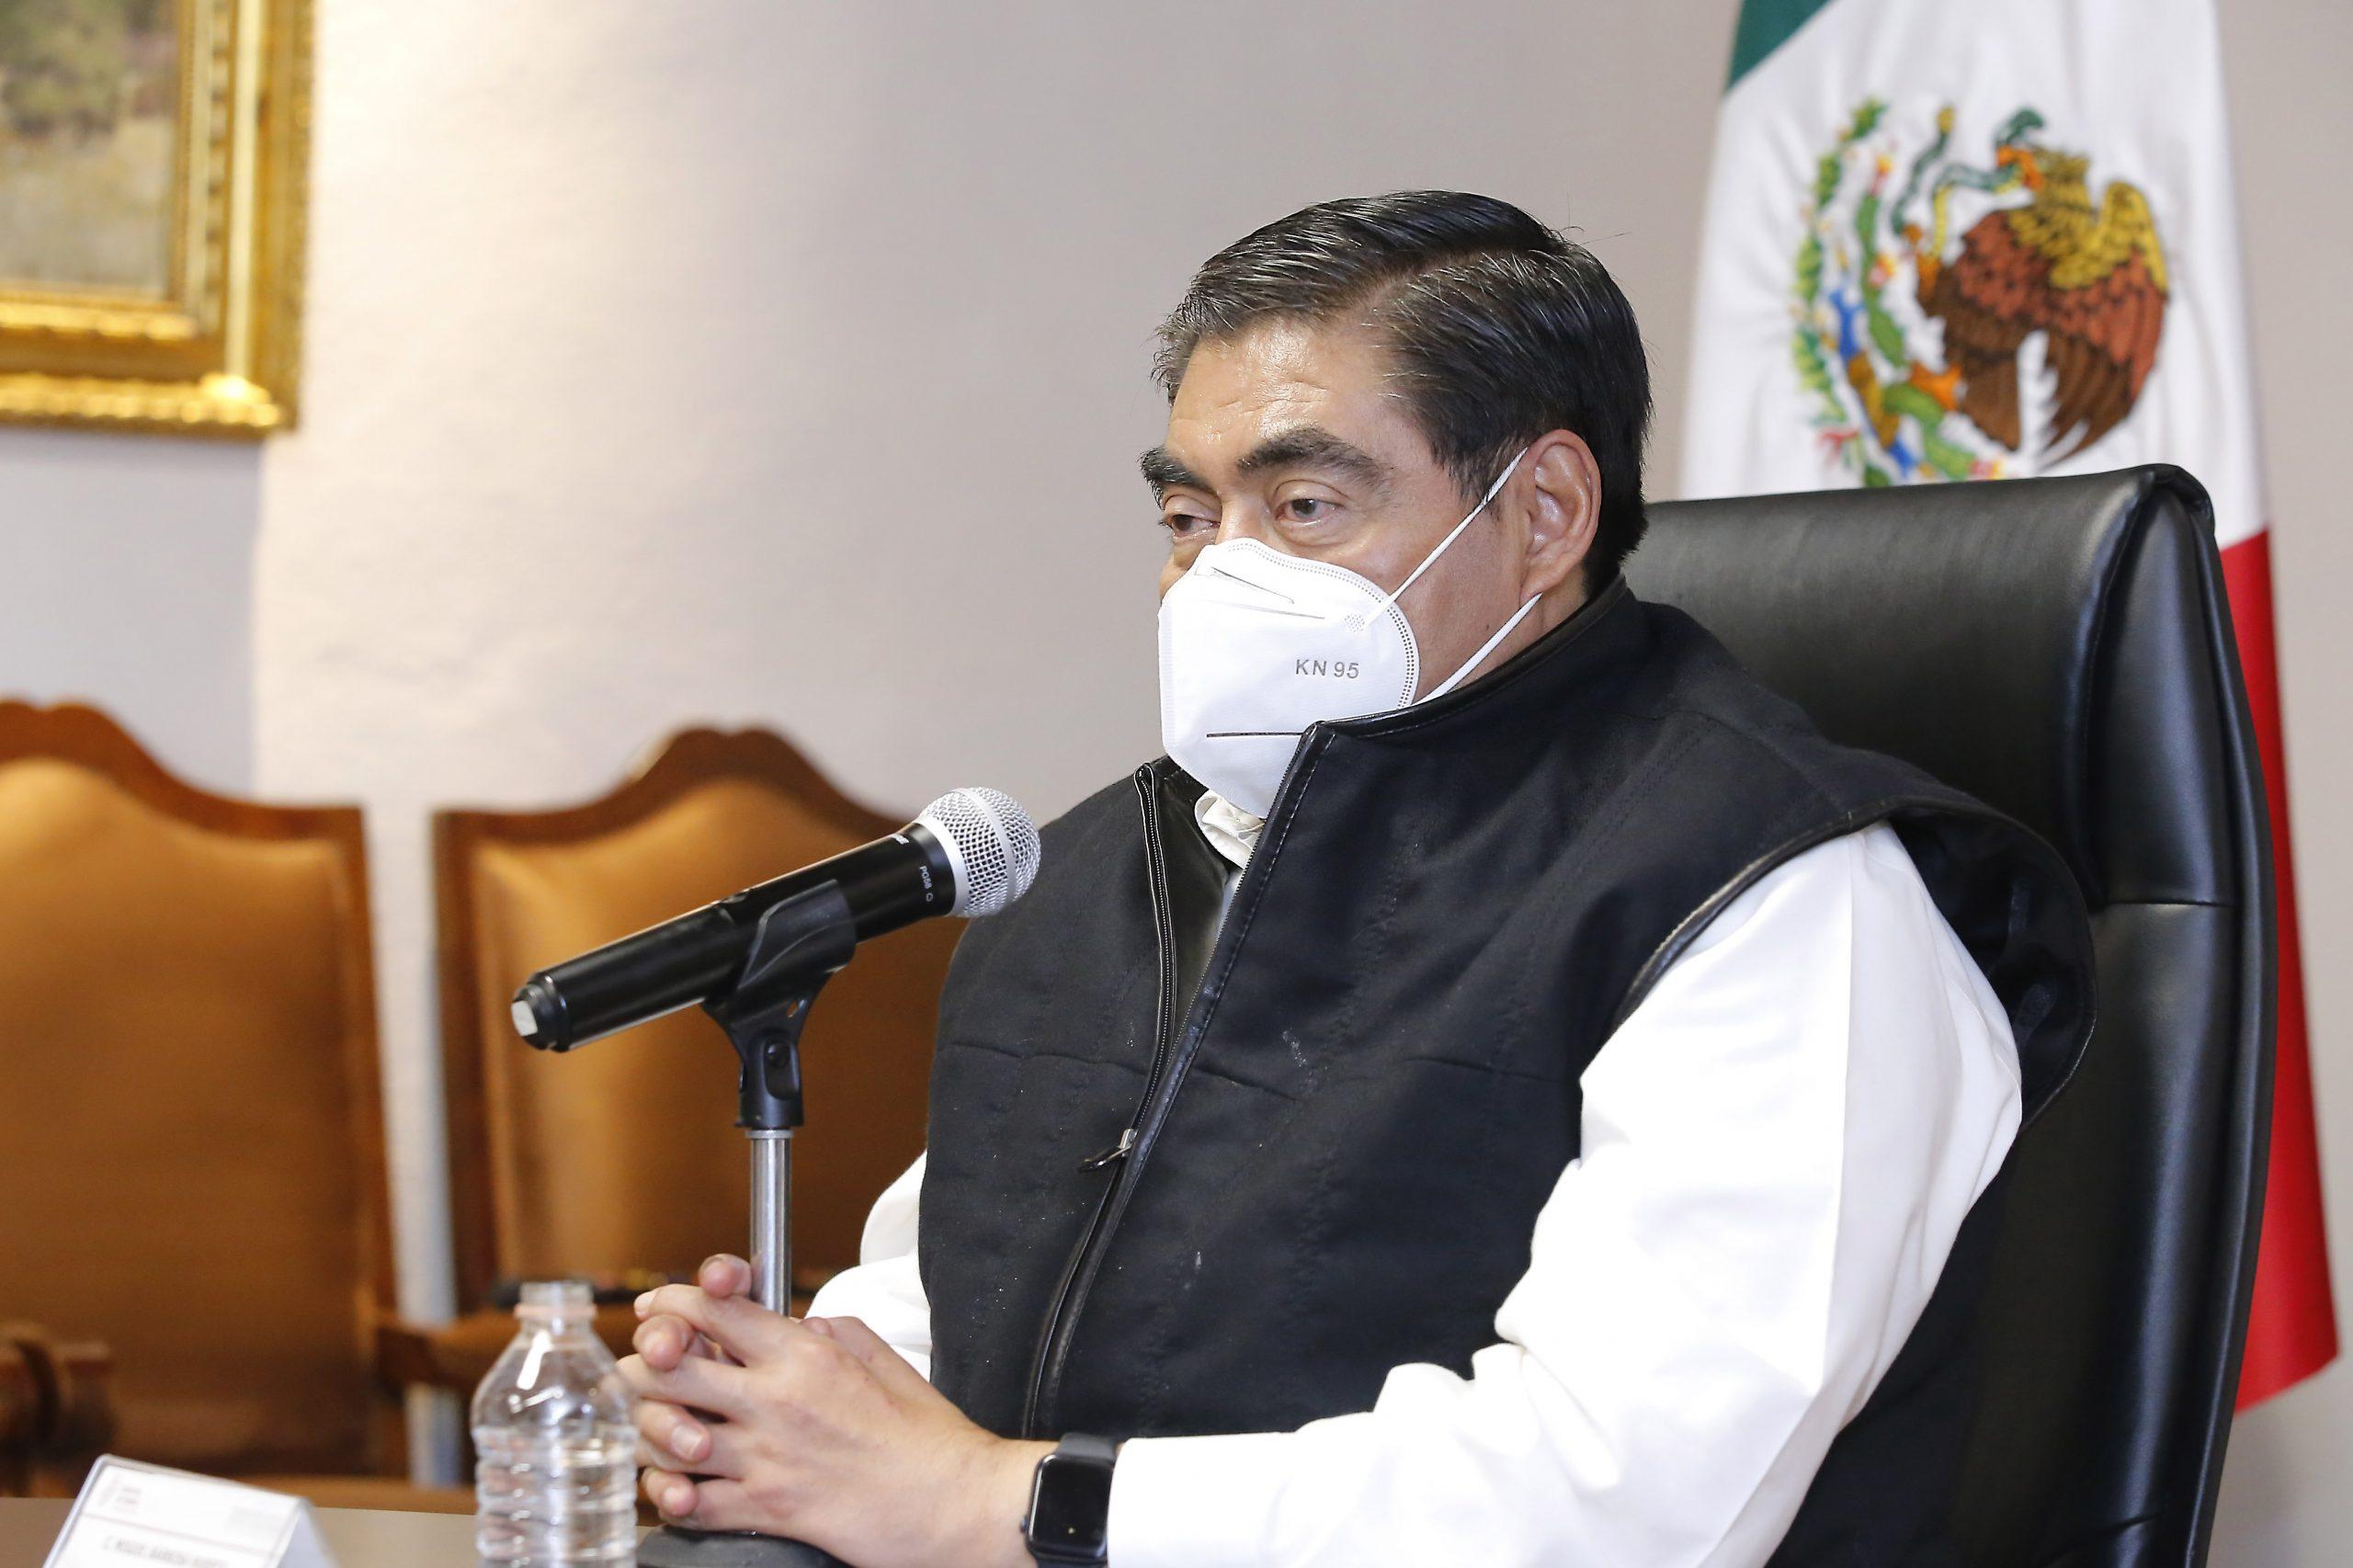 Con protocolos sanitarios, reabrirán cines en Puebla: Barbosa Huerta